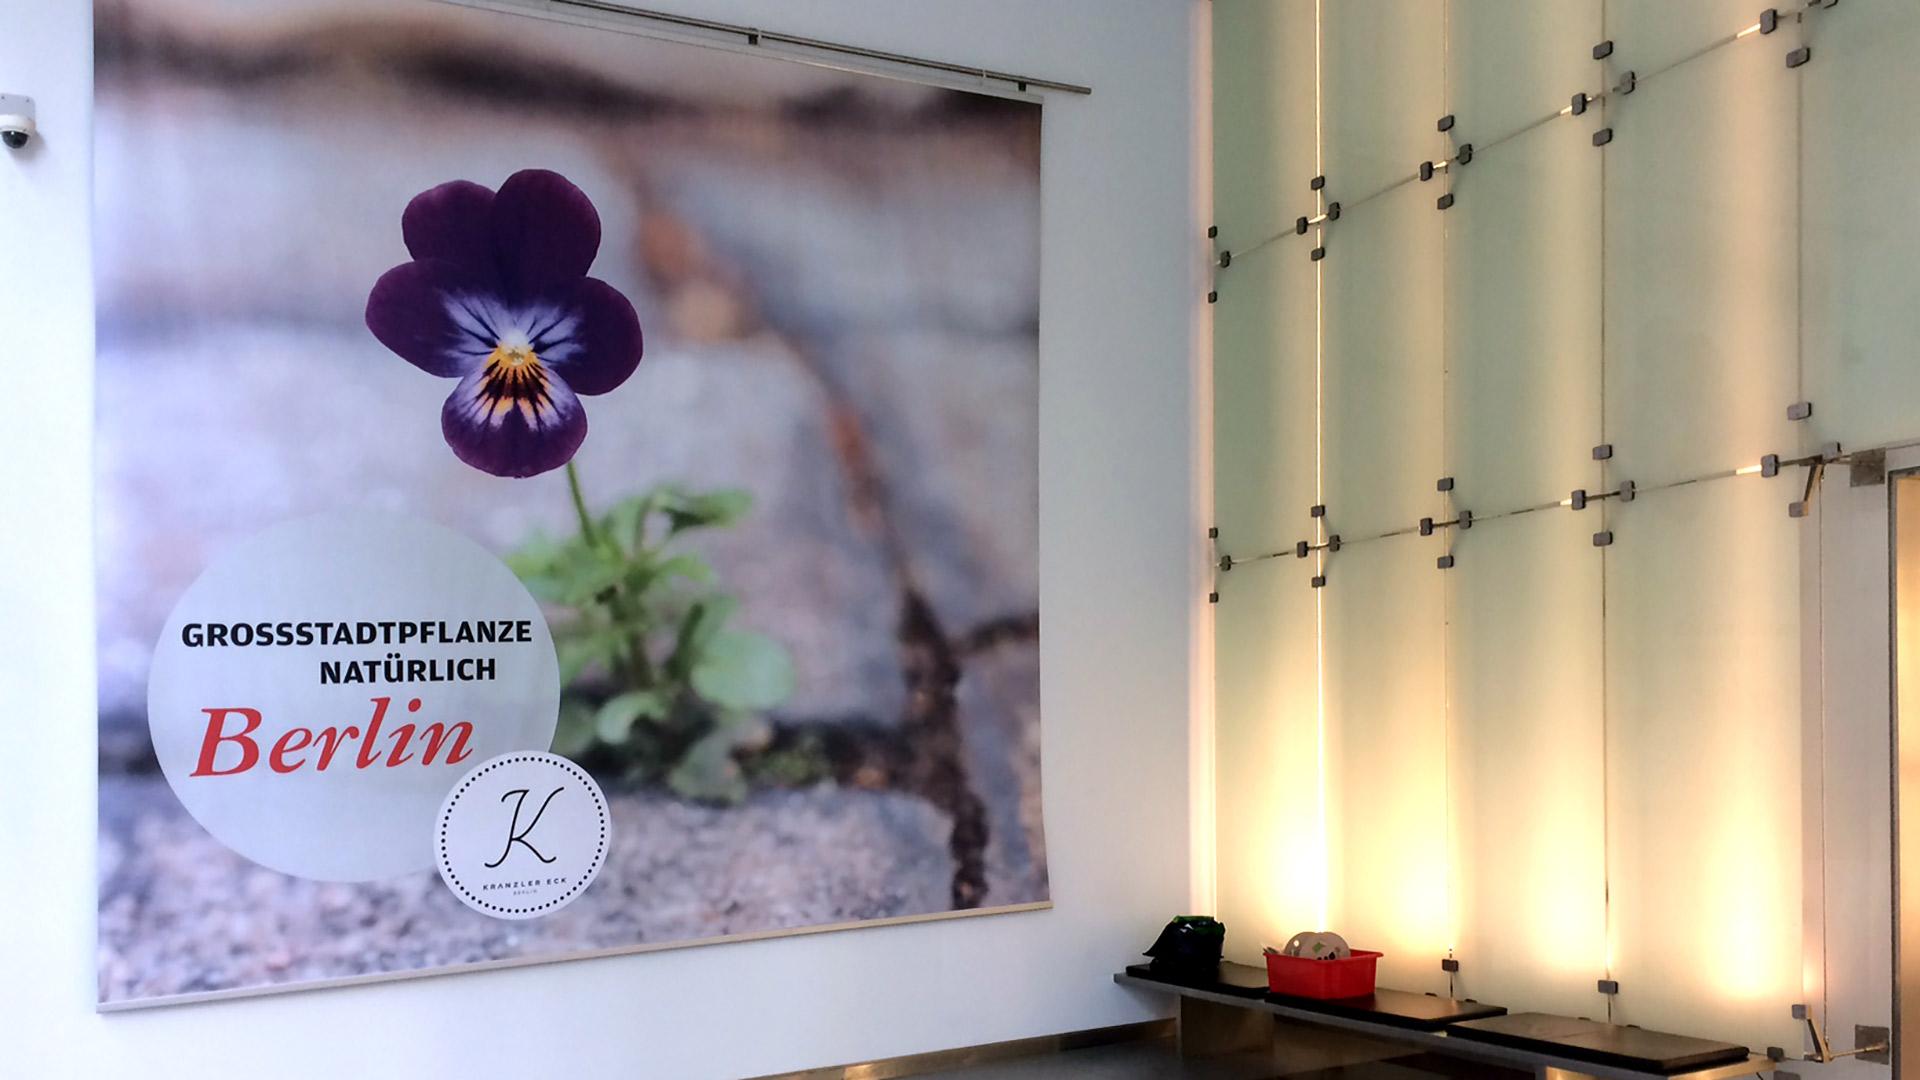 Bueroflaechen-NKE-Textil-Matti-Michalke-Berlin-Brandenburg-Aussenwerbung-Innenwerbung-Banner-Planen-Folien-Werbemittel-Druck-Print